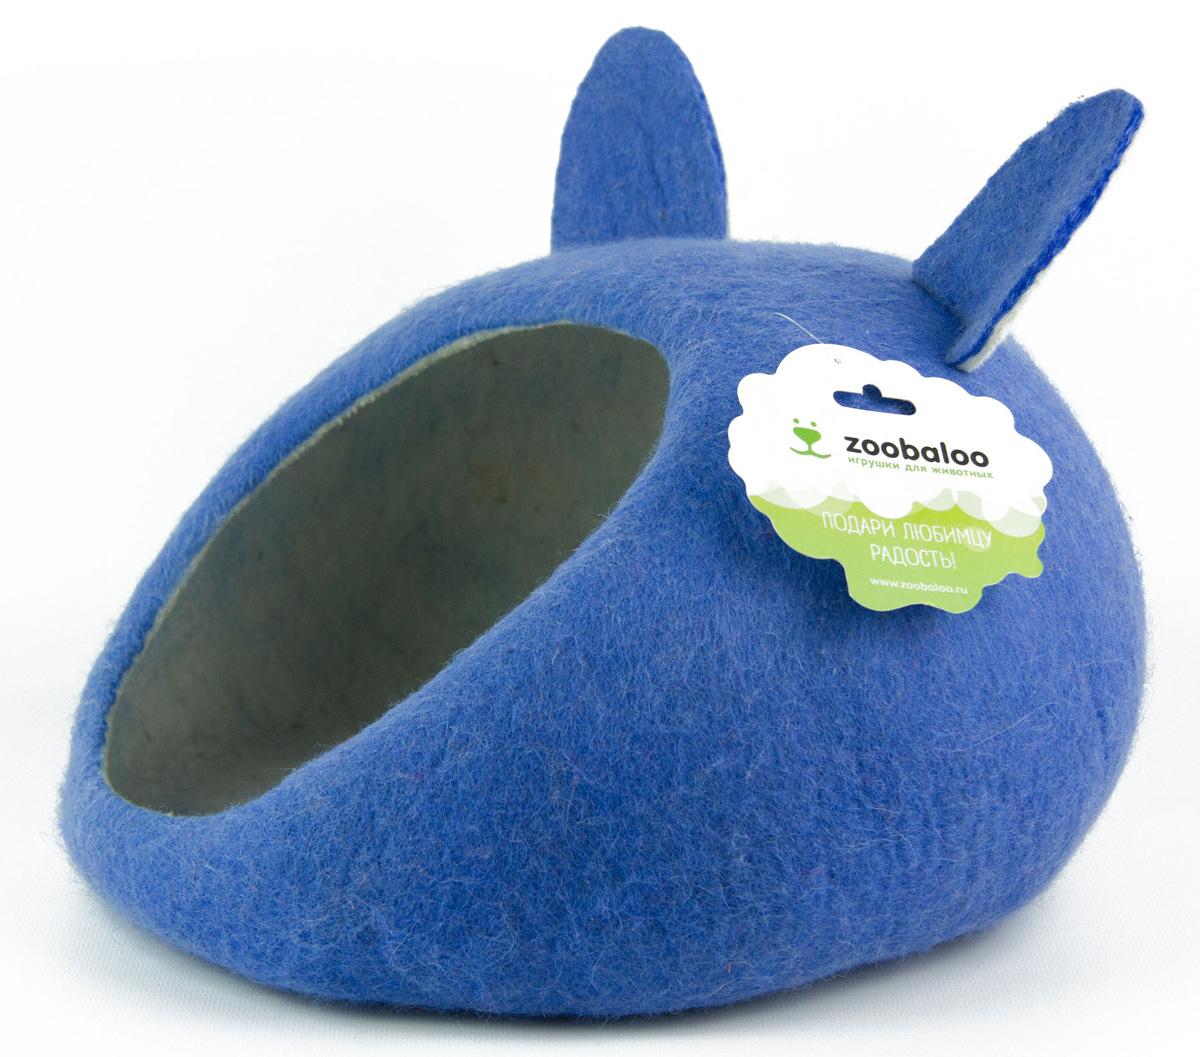 Домик-слипер для животных Zoobaloo WoolPetHouse, с ушками, цвет: синий, размер L963Домик-слипер Zoobaloo WoolPetHouse предназначен для отдыха и сна питомца. Домик изготовлен из 100% шерсти мериноса. Шерсть мериноса обеспечит превосходный микроклимат внутри домика, а его форма позволит питомцу засыпать в самой естественной позе.